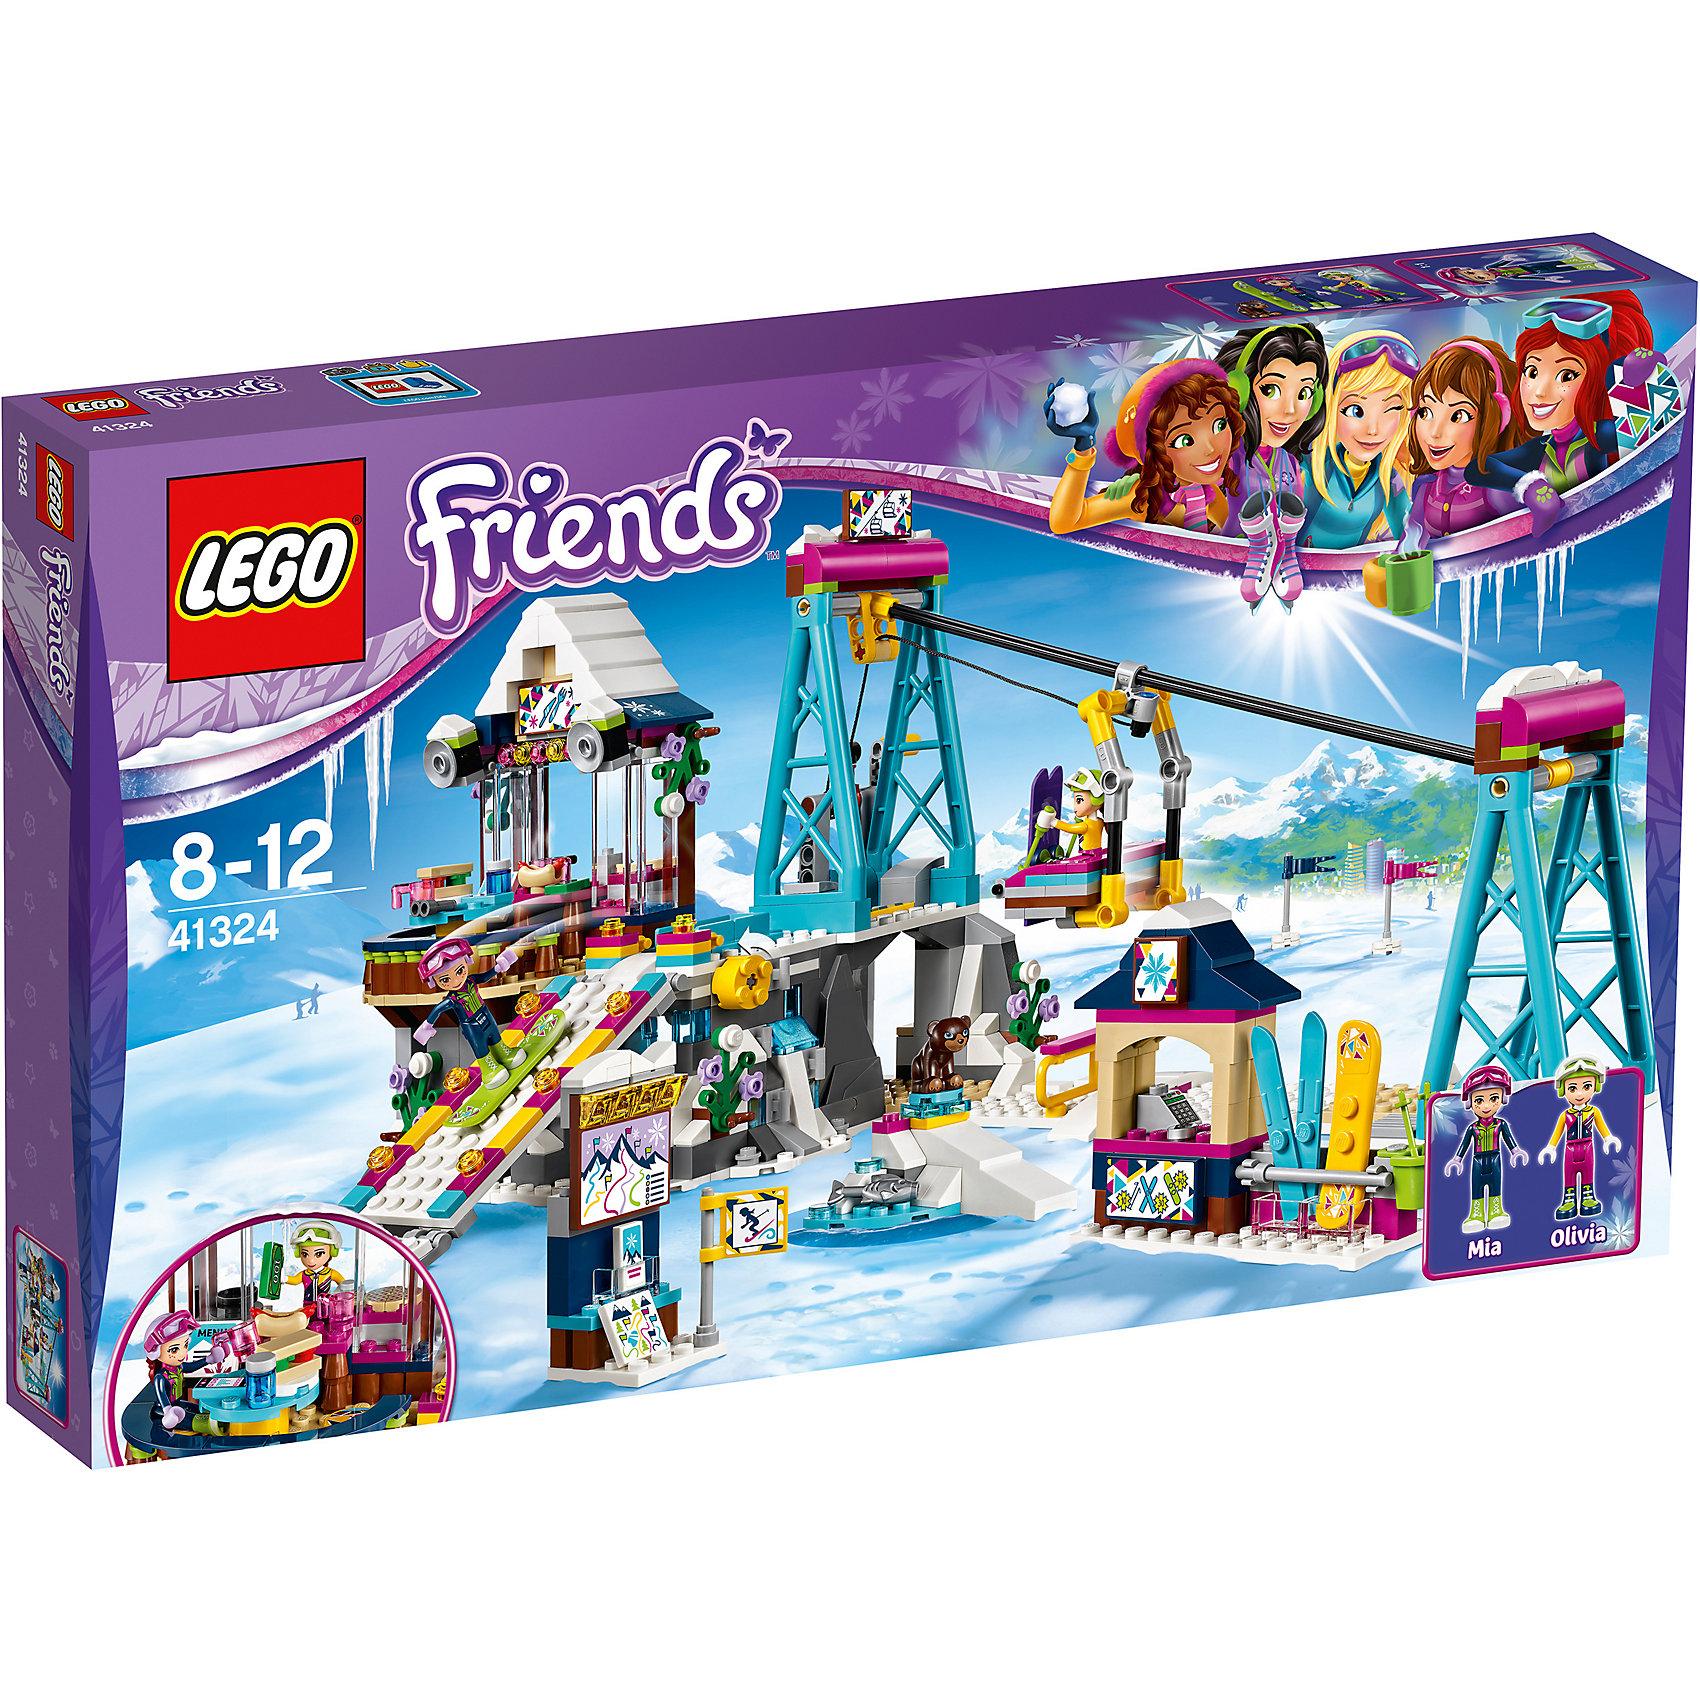 LEGO Friends 41324: Горнолыжный курорт: подъёмникПластмассовые конструкторы<br><br><br>Ширина мм: 476<br>Глубина мм: 281<br>Высота мм: 66<br>Вес г: 1050<br>Возраст от месяцев: 96<br>Возраст до месяцев: 144<br>Пол: Женский<br>Возраст: Детский<br>SKU: 5620042